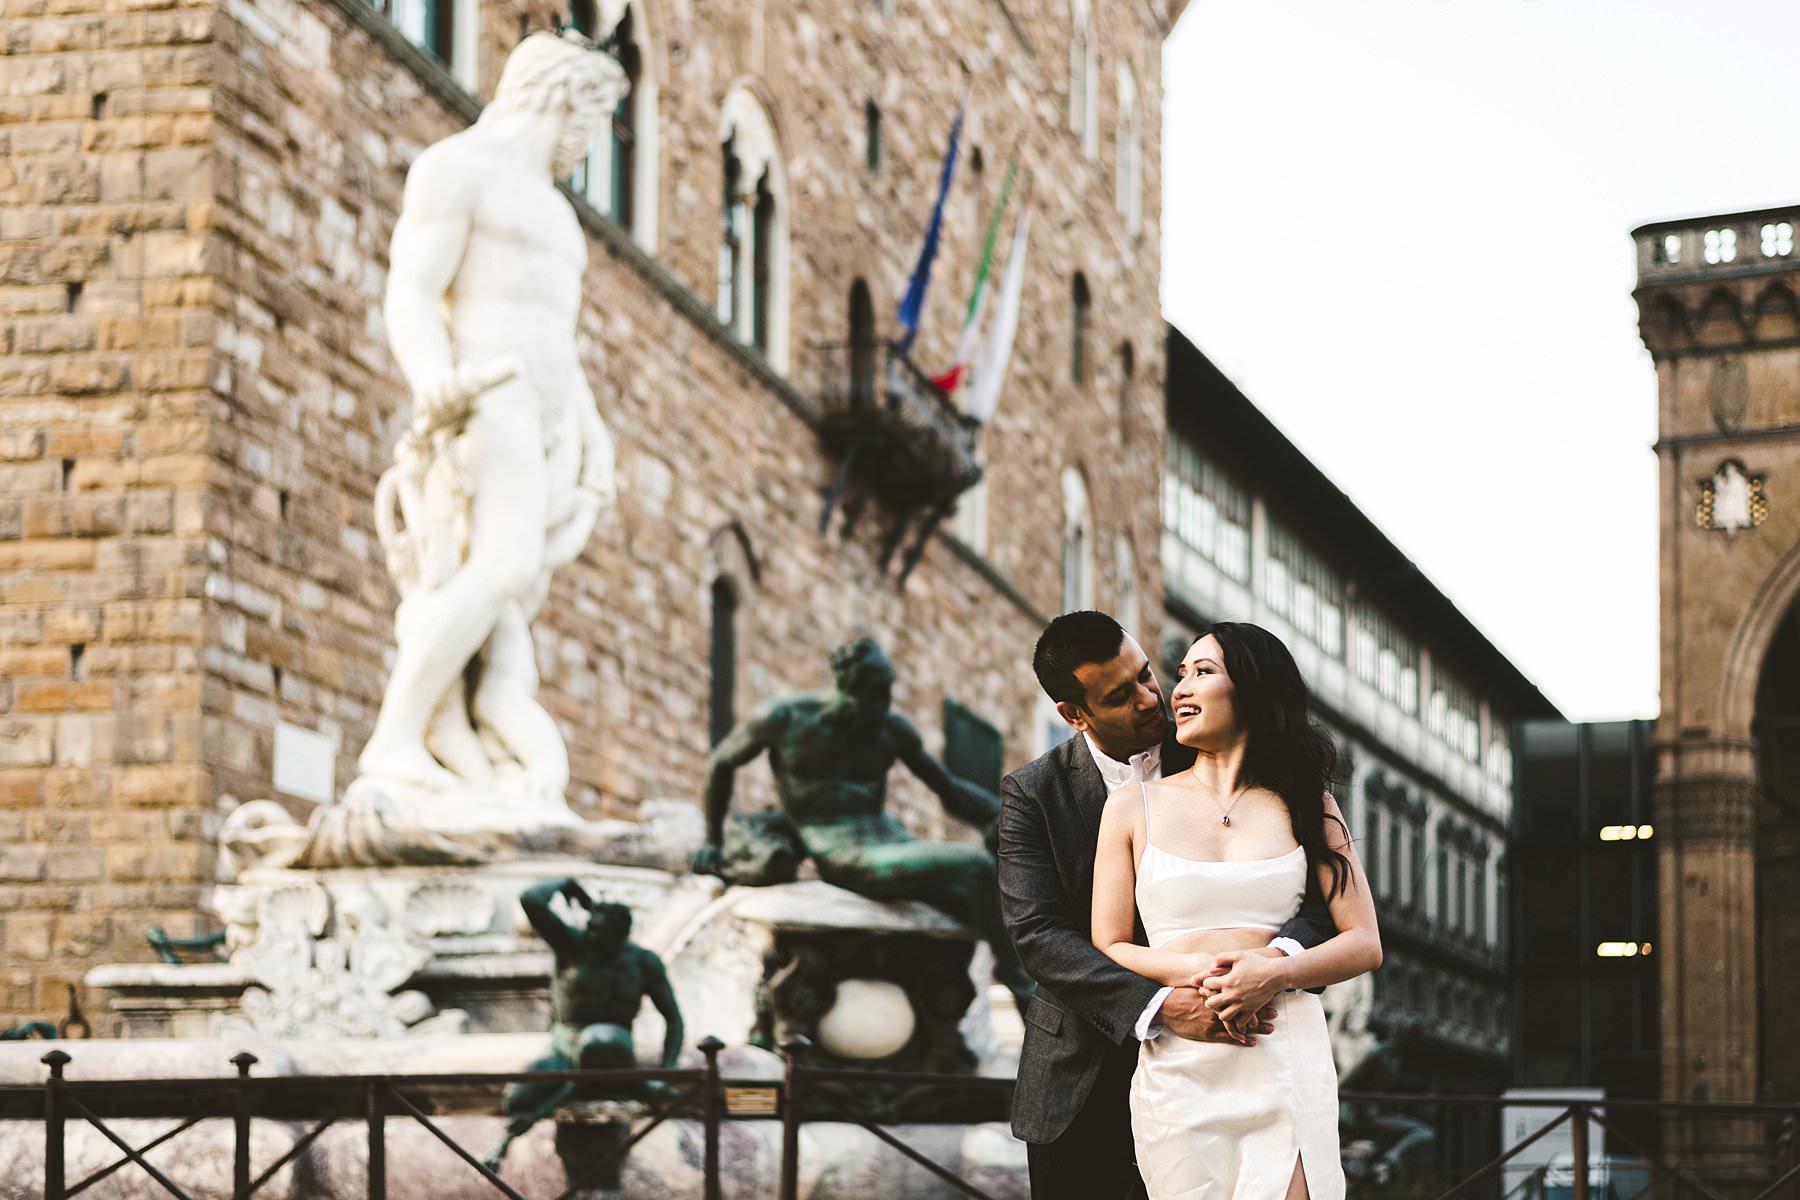 Beautiful couple walk tour sunrise early morning photo session in Florence at Piazza della Signoria near Palazzo Vecchio and Uffizi